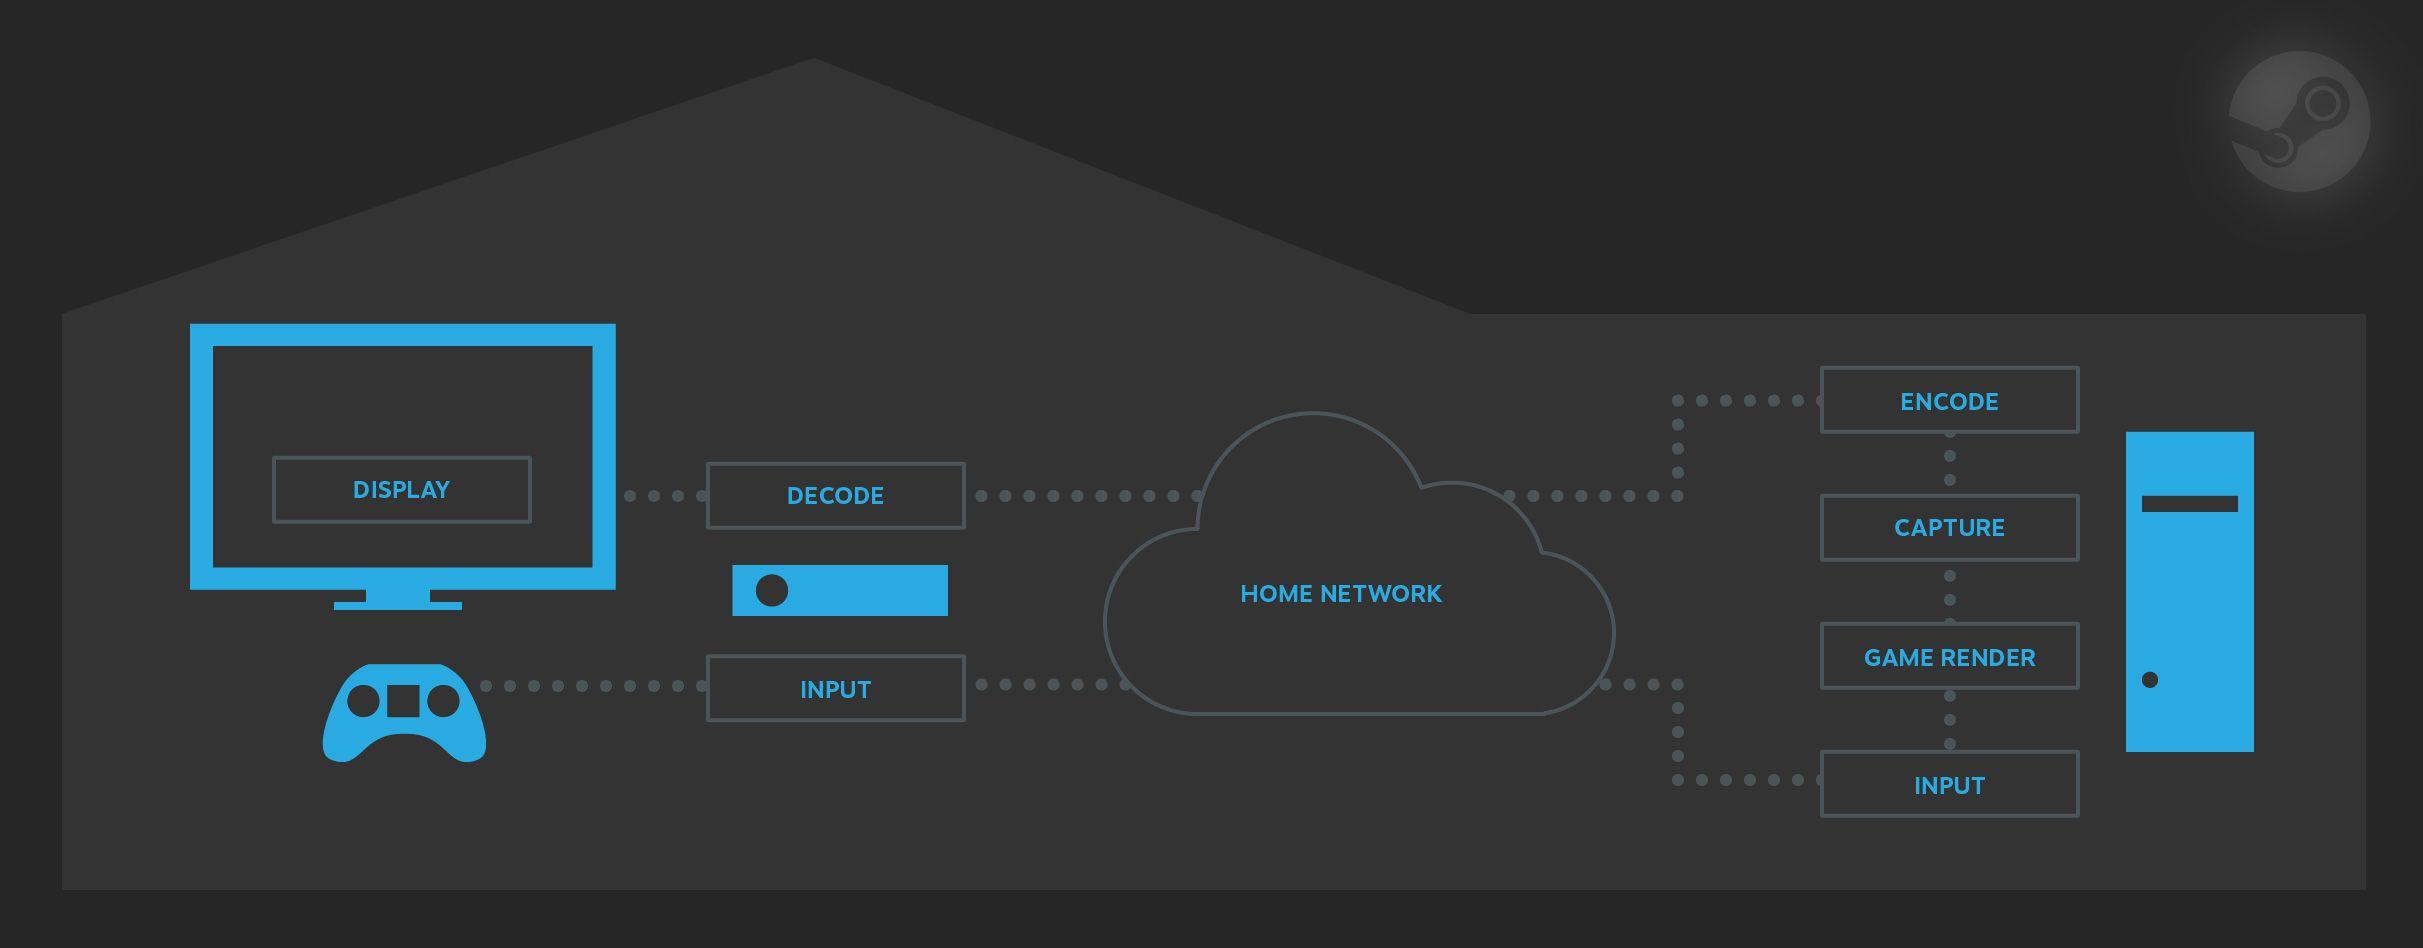 Slik kan spill strømmes over nettverket. Bilde: Valve